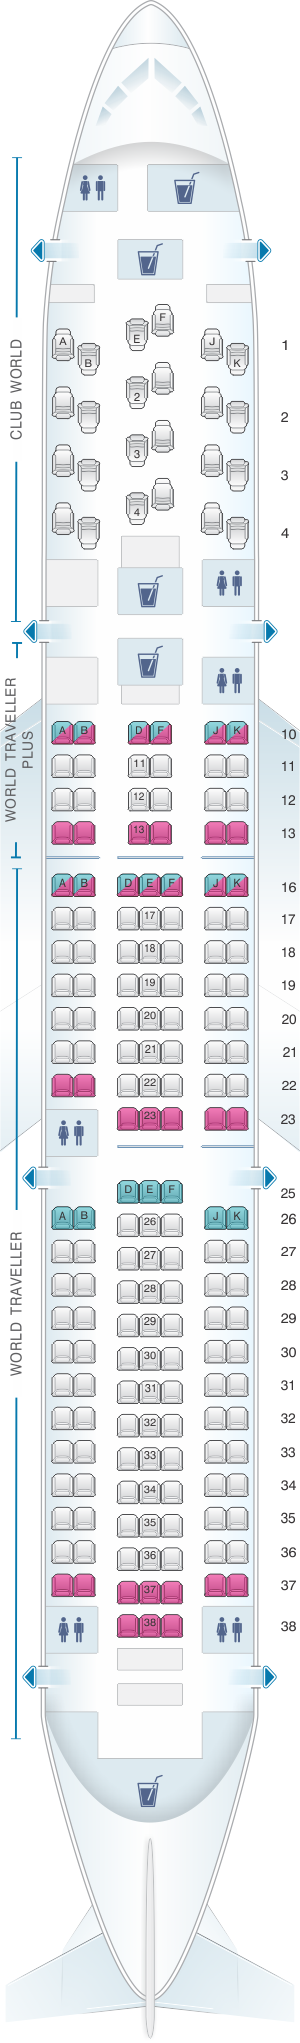 Seat map for British Airways Boeing B767 Worldwide Layout